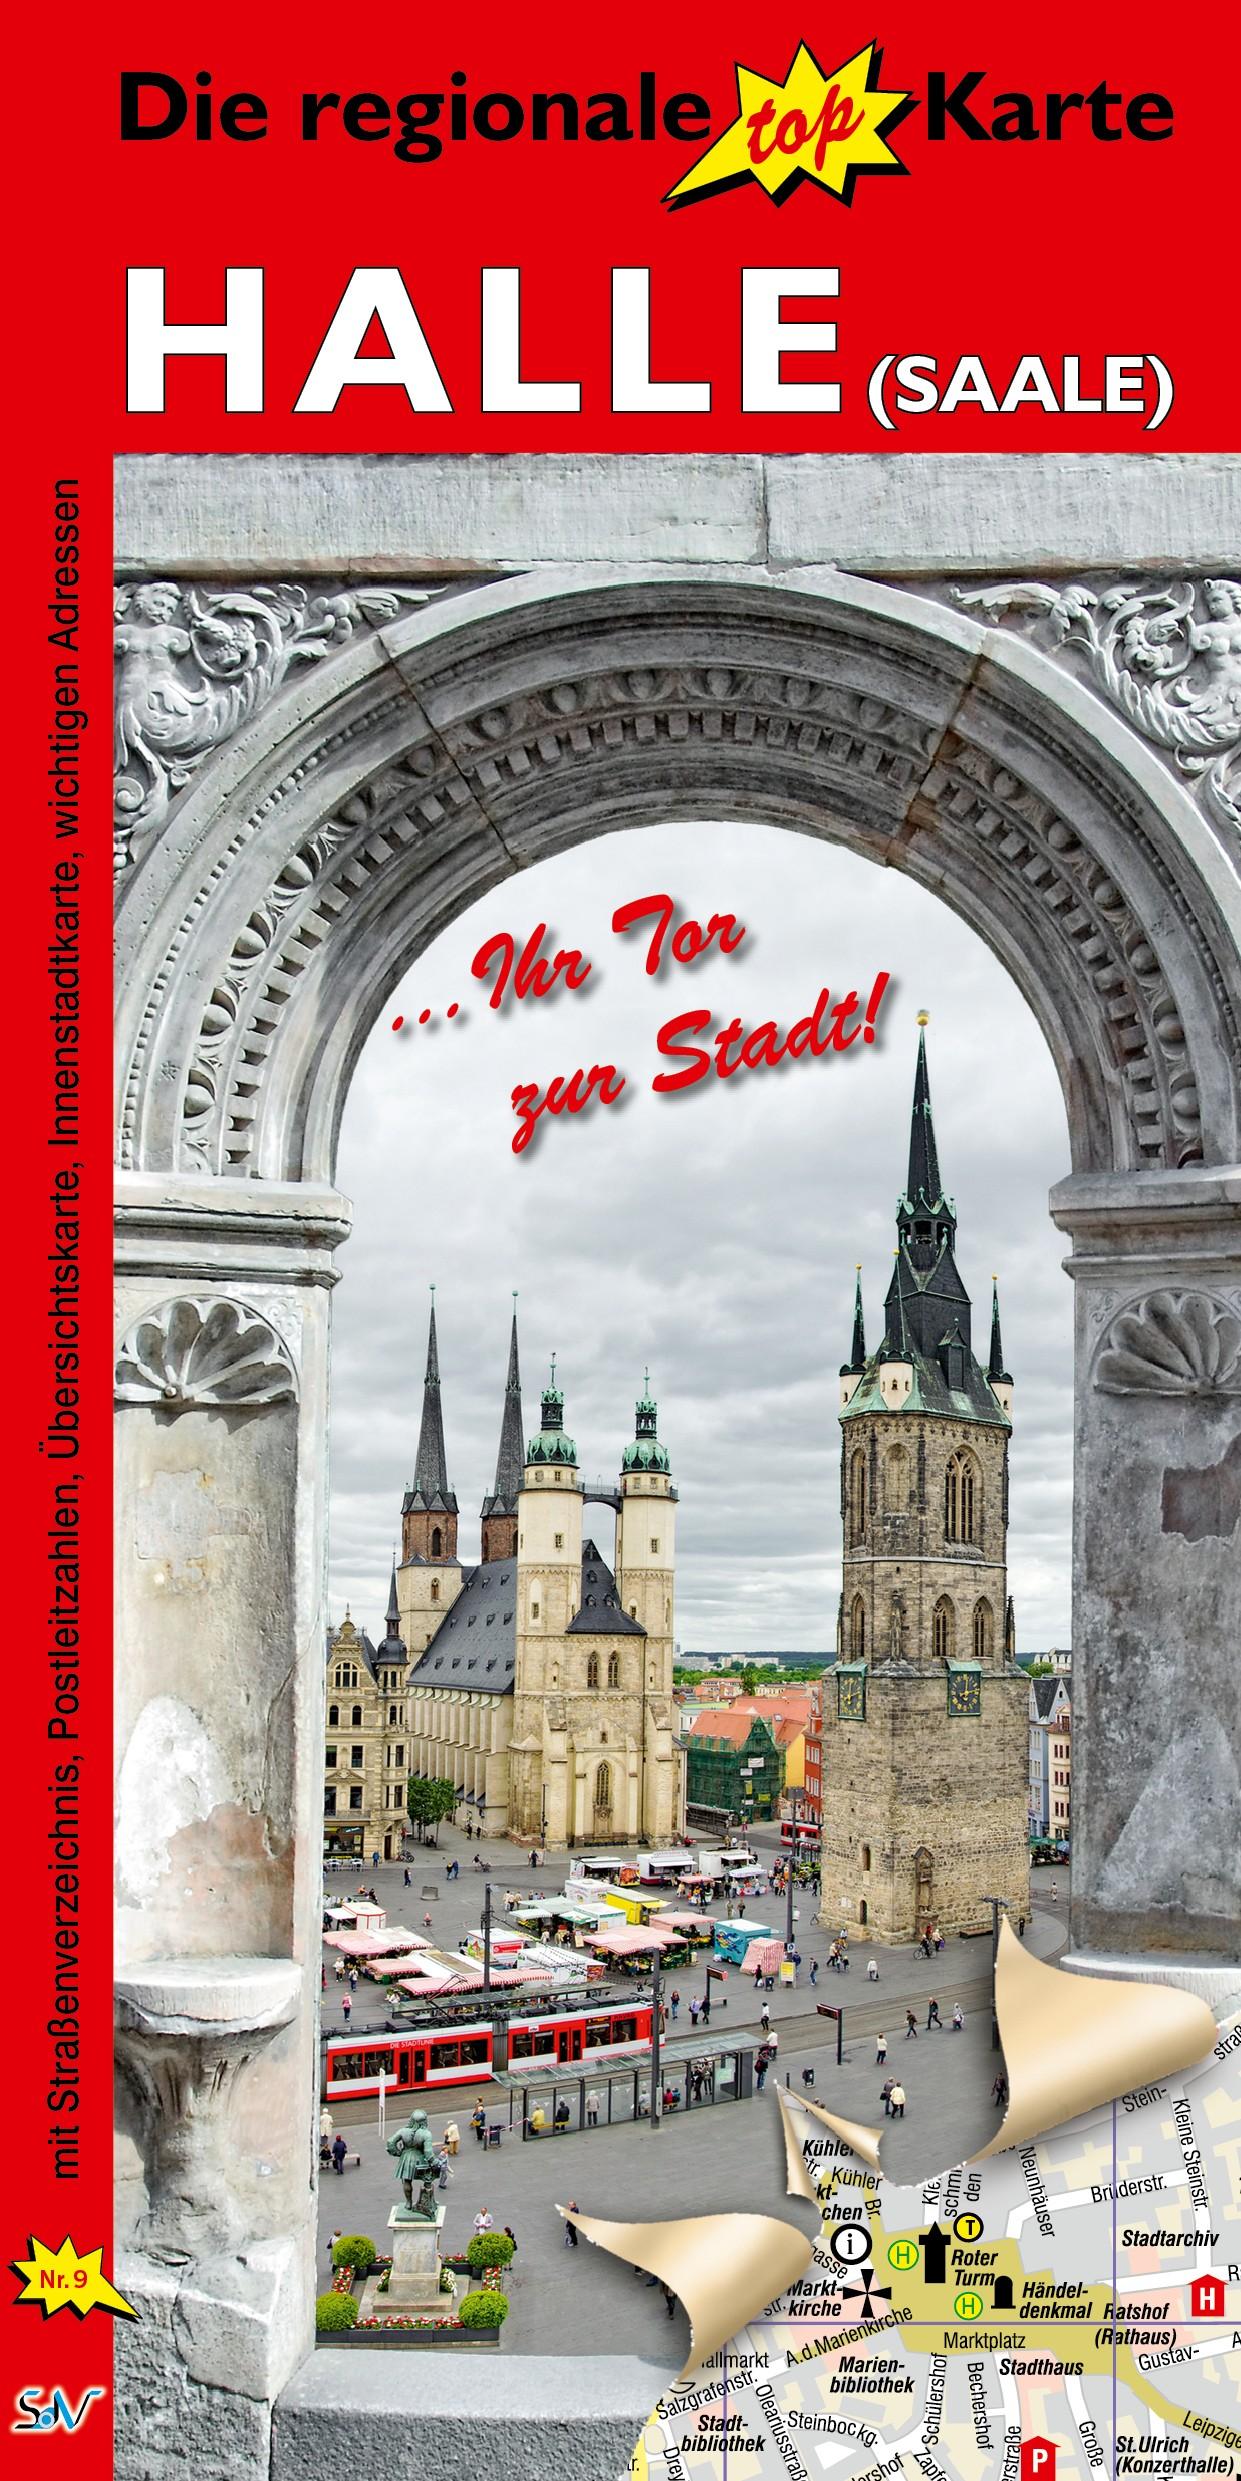 ISBN 978-938642-62-7